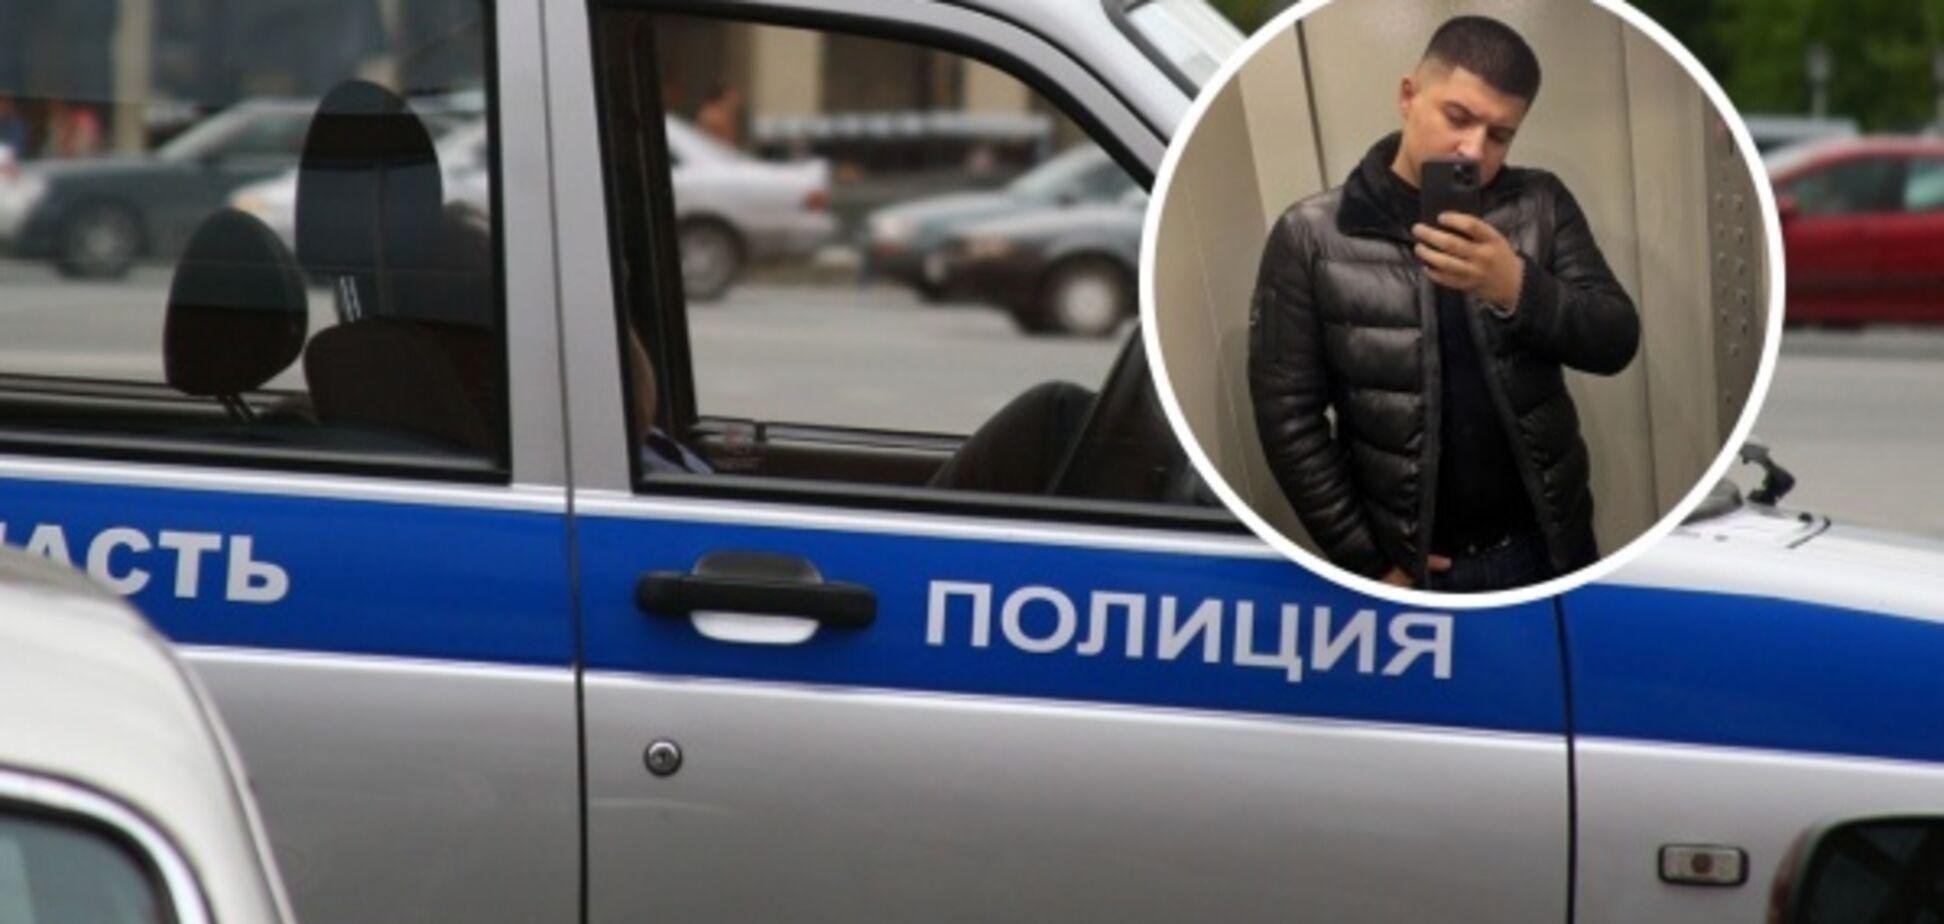 Трагедія, яка може стати спусковим гачком російського BLM